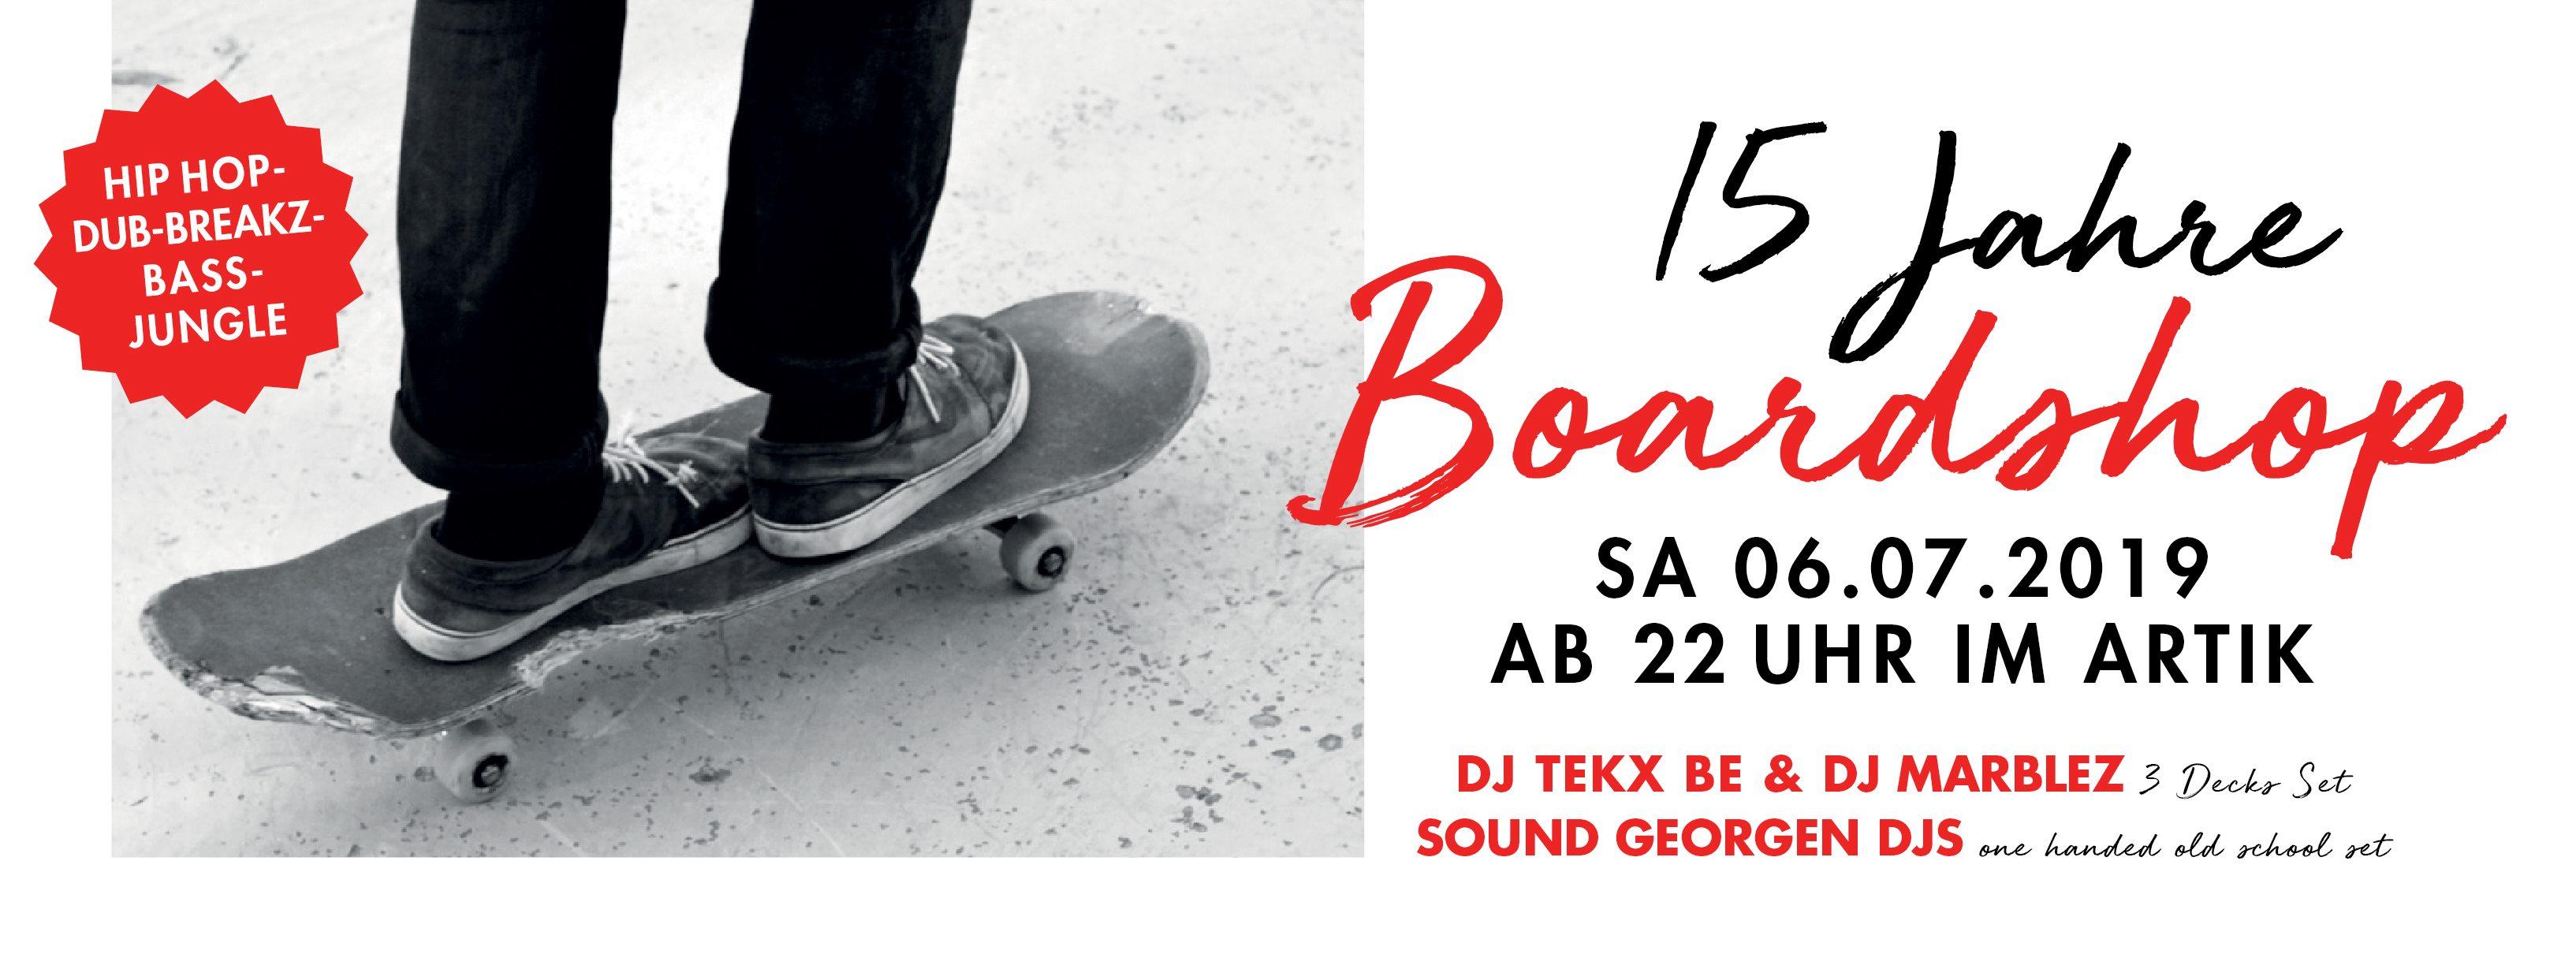 15 Jahre Boardshop mit DJ Tekx Be & DJ Marblez & Sound Georgen || 6.7.19